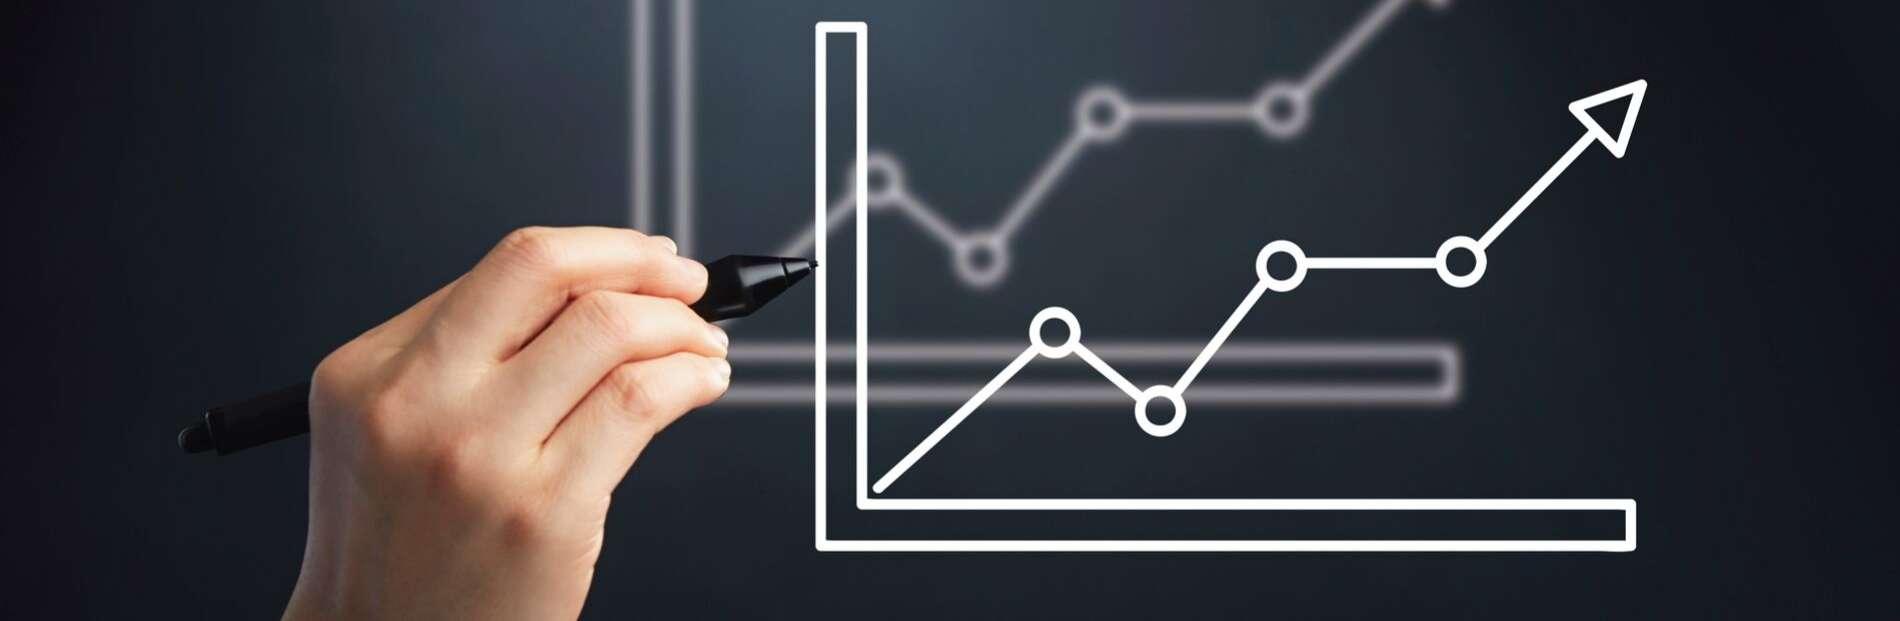 sart ivf success rates